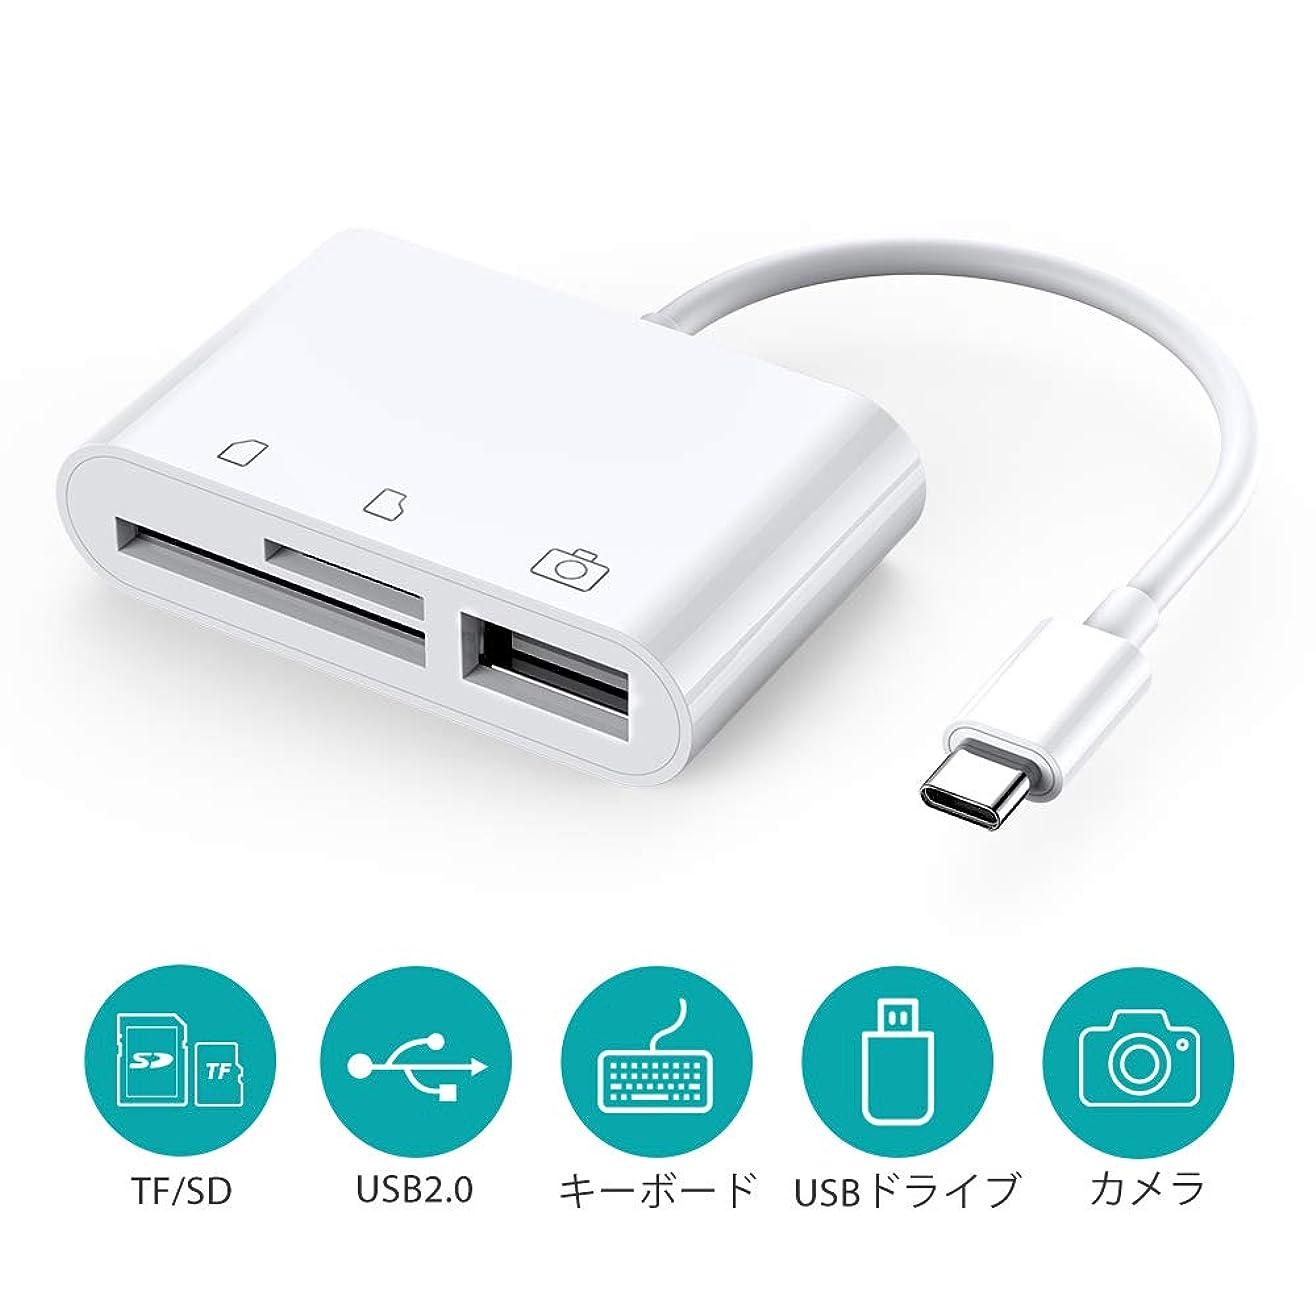 発掘する普通にそれるUSB Type C SDカードリーダー ポータブル USB C カメラ sdカード リーダー Mac Book Pro 等 USB-Cデバイス 対応 3in1 SDカードライター SDカード/Micro SDカード/USB マルチカードリーダー (ホワイト)